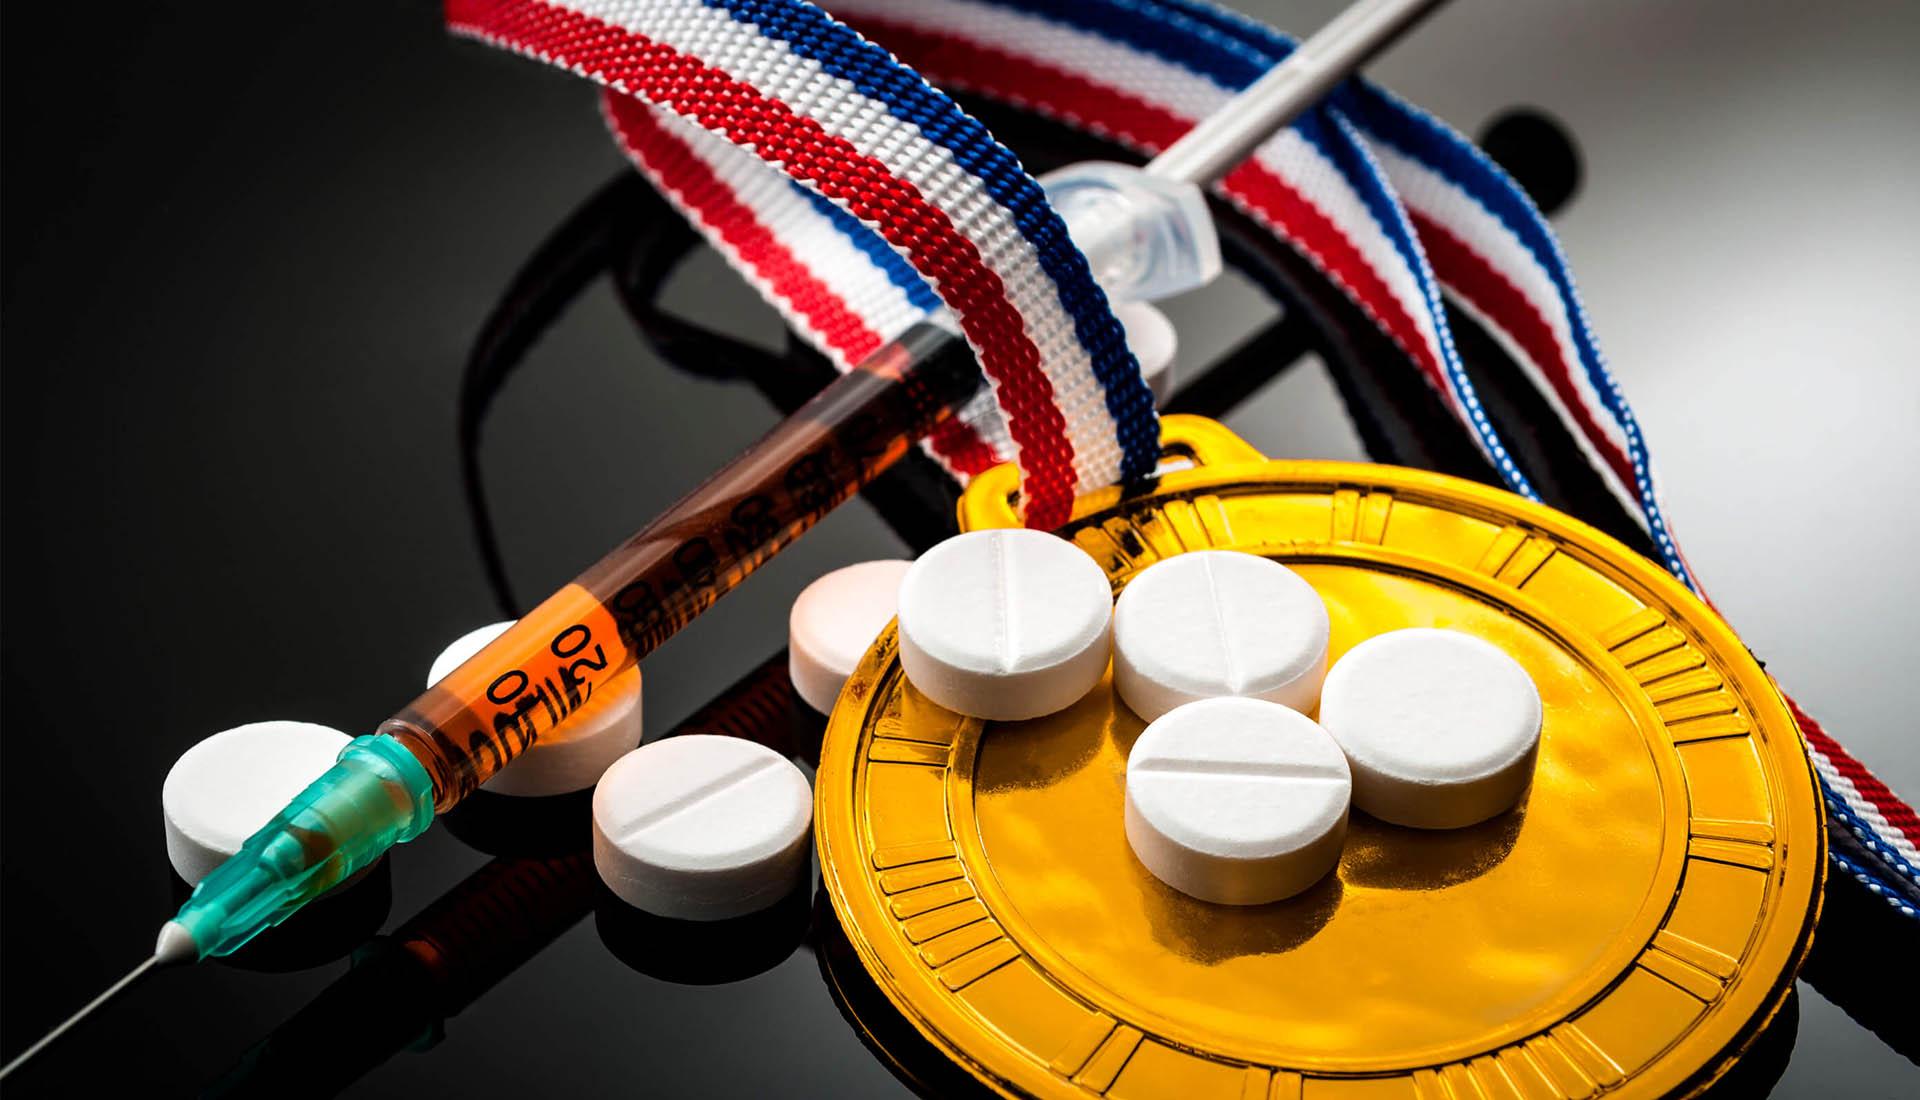 Doping là tên gọi chung của các loại chất kích thích thường được dùng trong thể thao